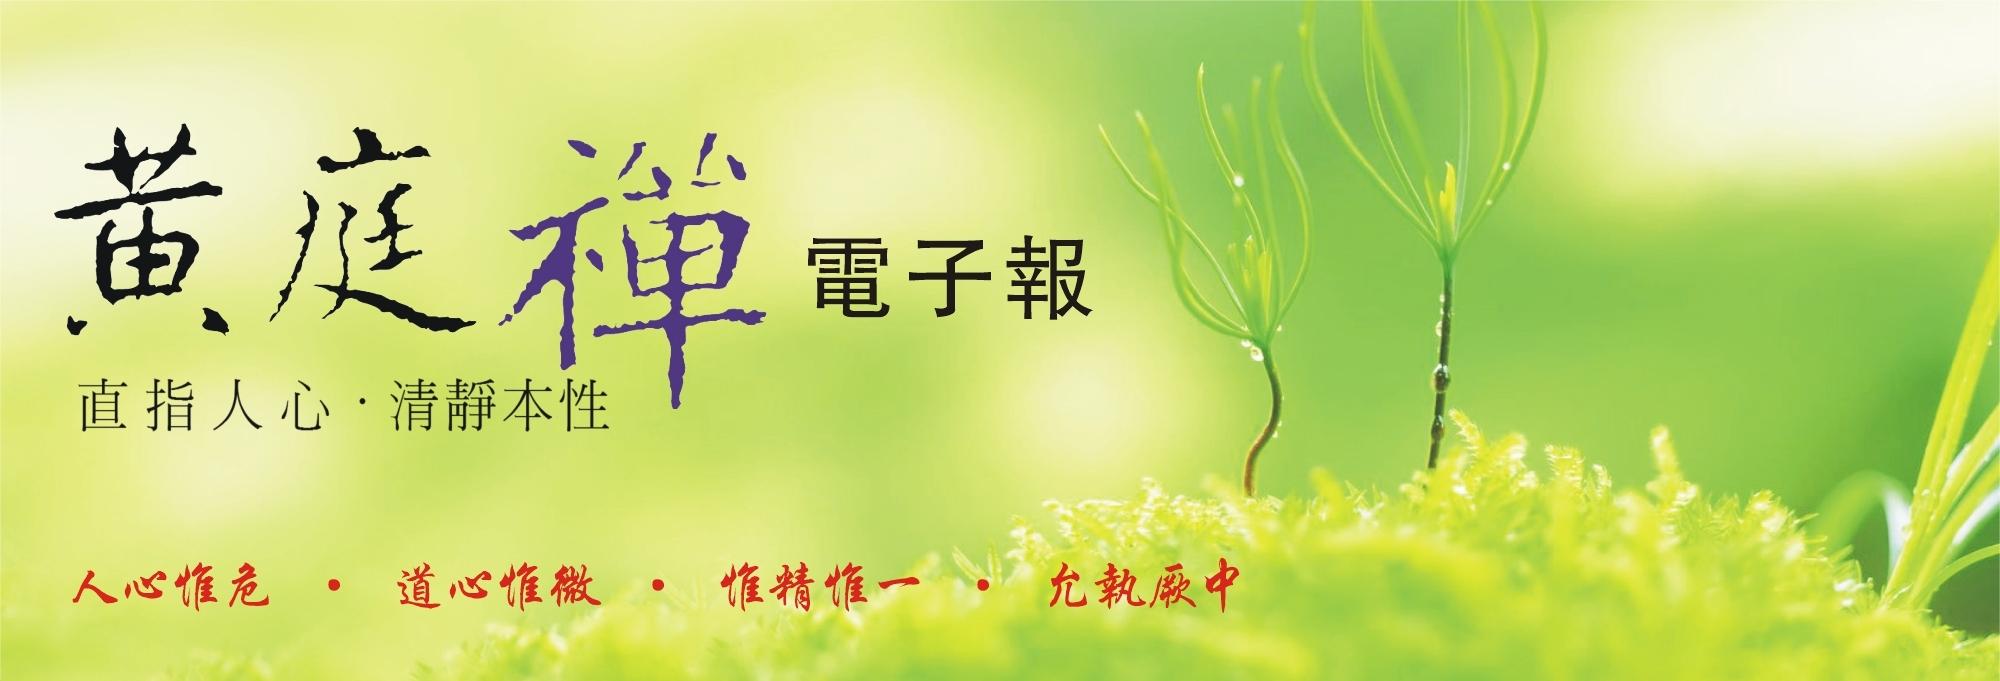 中華黃庭禪學會2016.04.1電子報